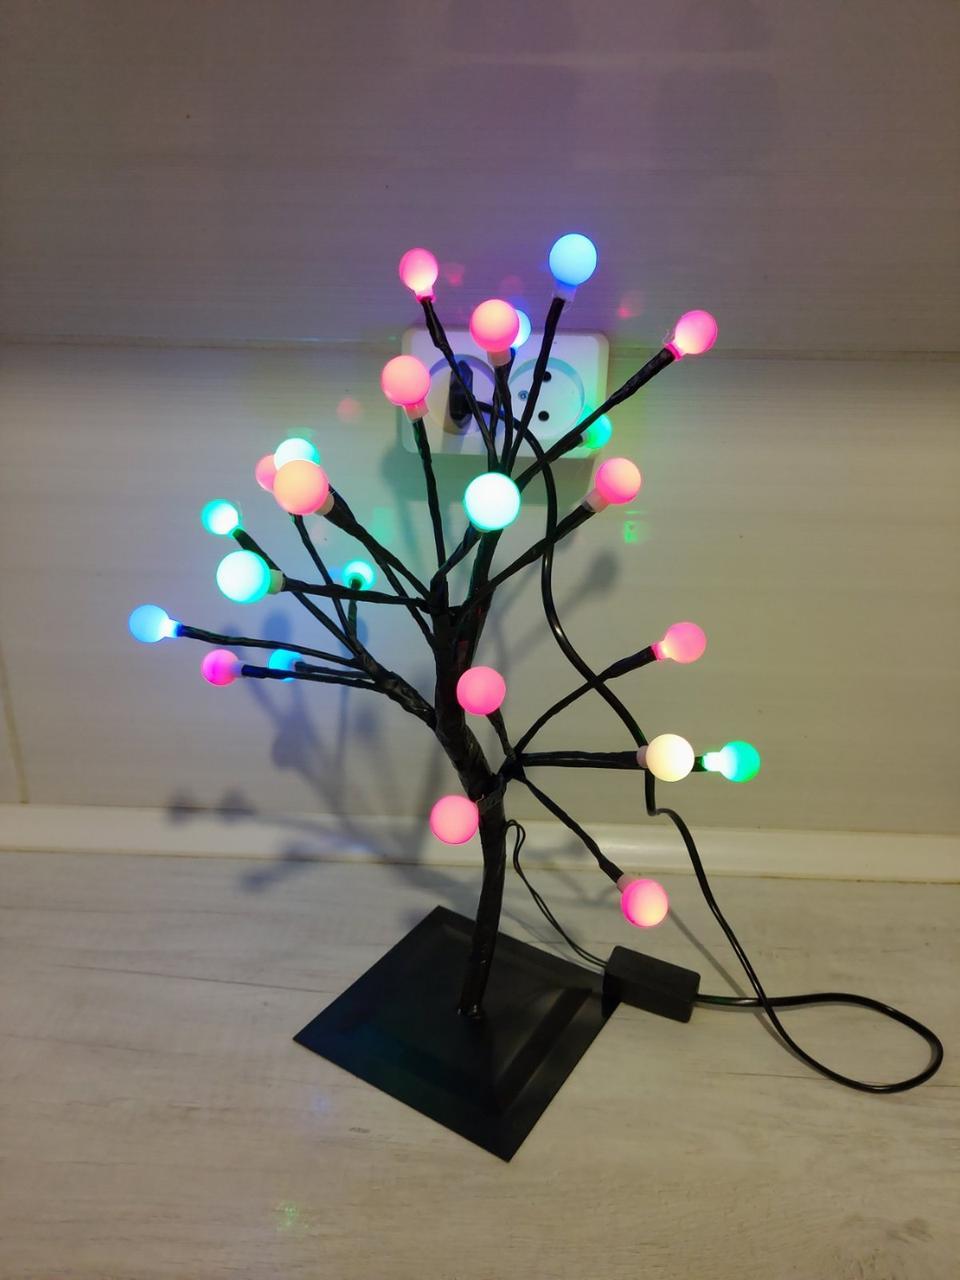 Маленькое дерево гирлянда (24 матовых шарика) свечение мультиколор высота 40см от сети 220вт